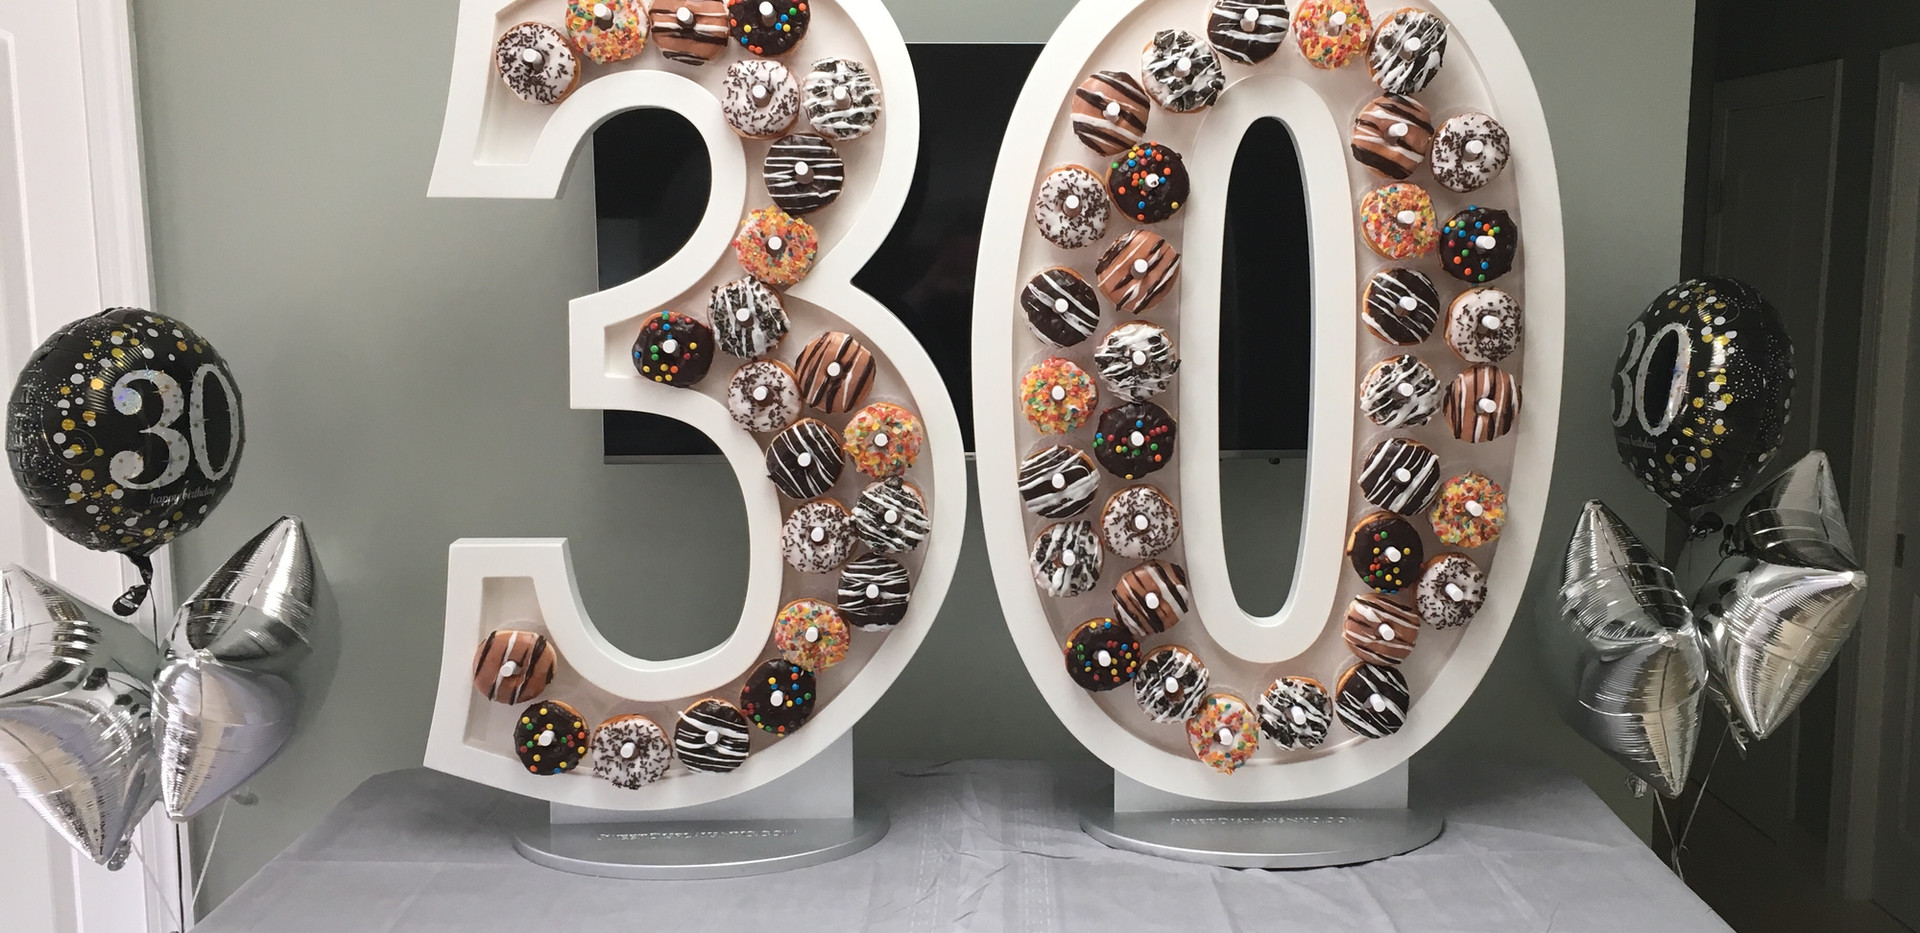 #30 Donut Walls